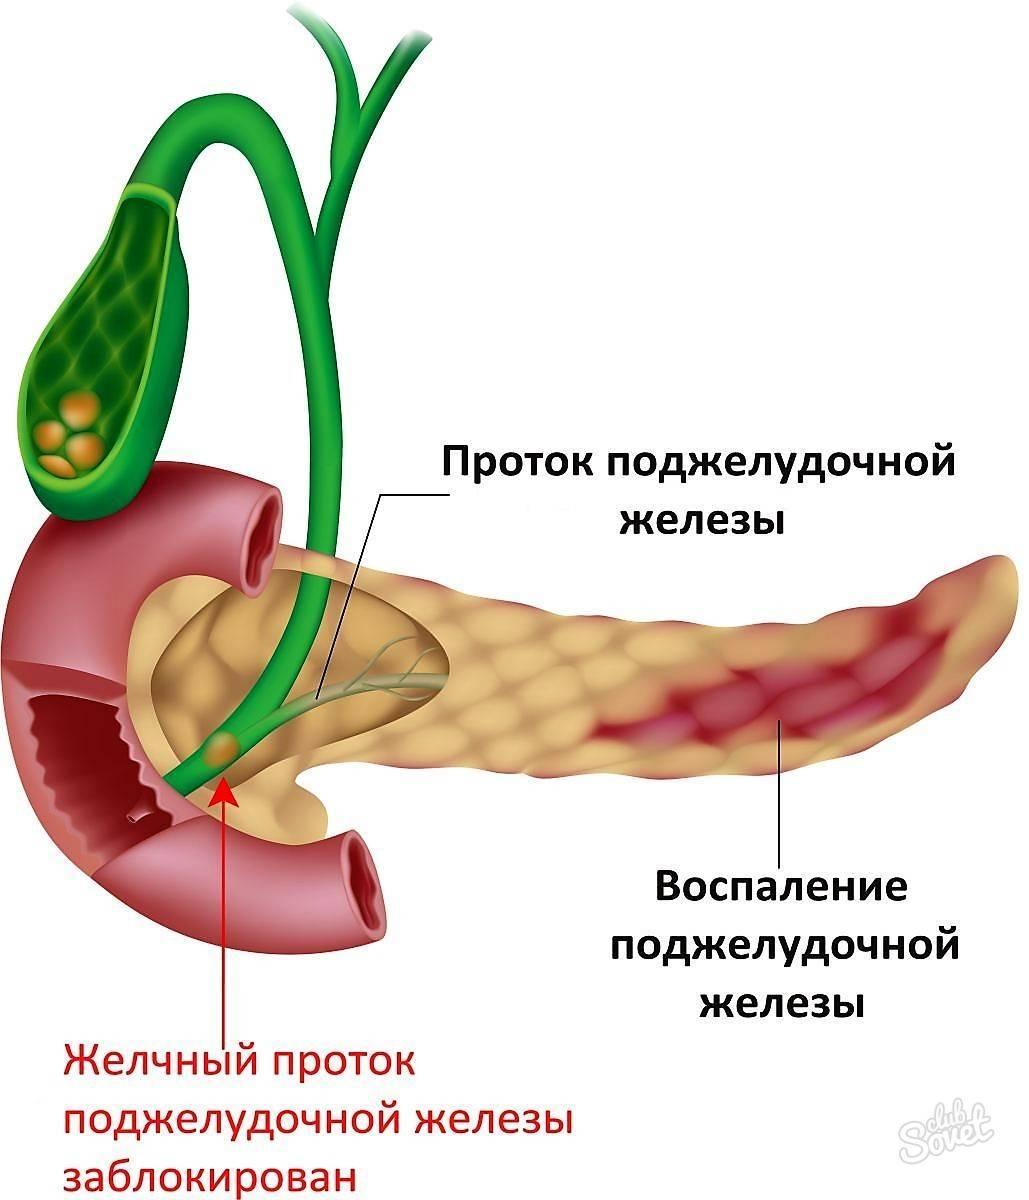 Панкреатит - симптомы, лечение, диагностика